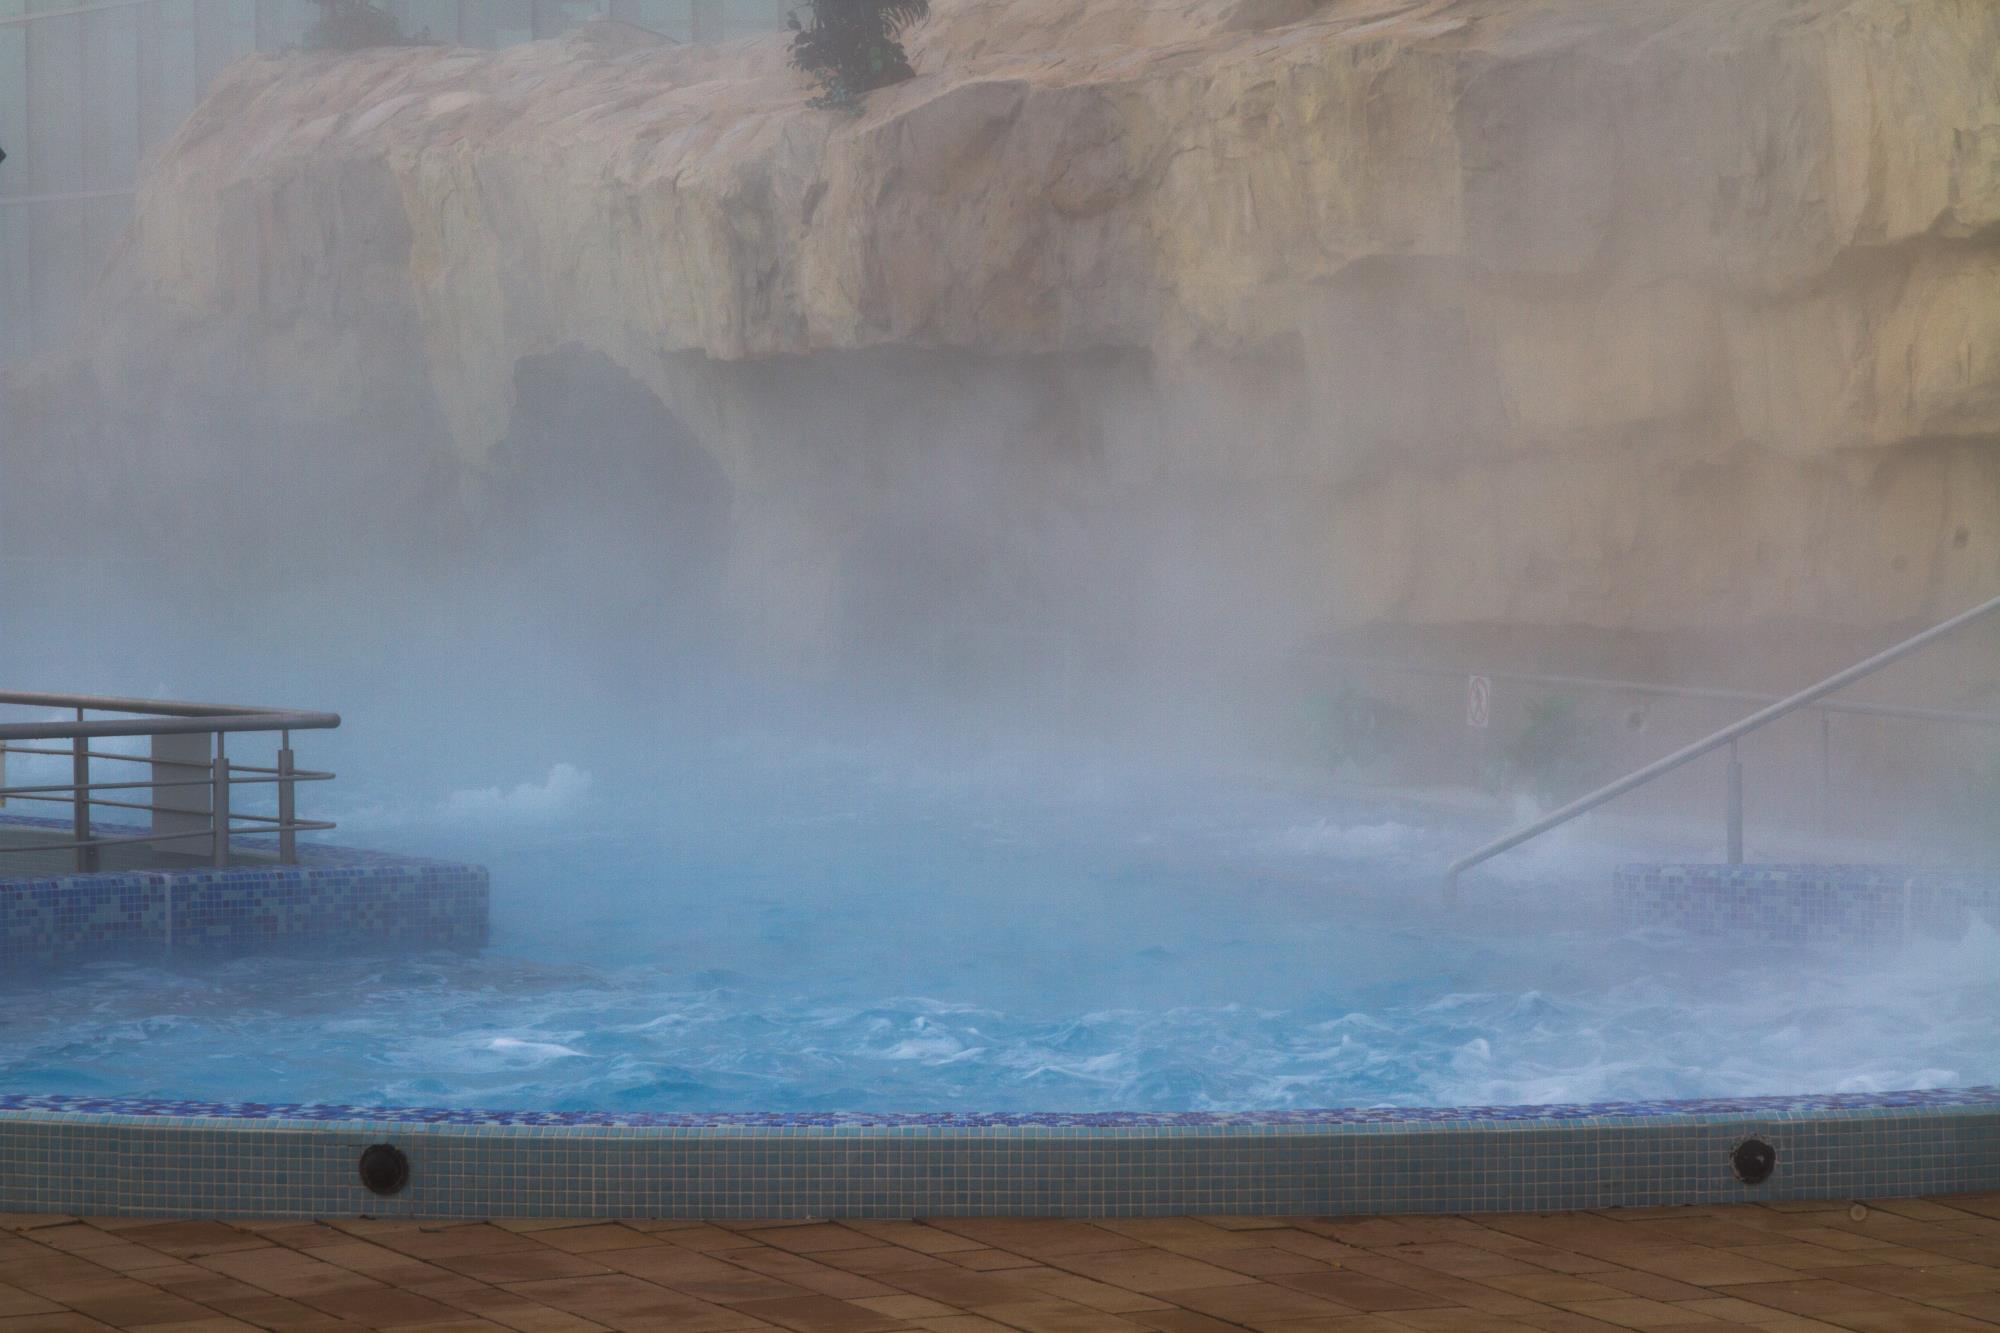 parująca woda w basenie